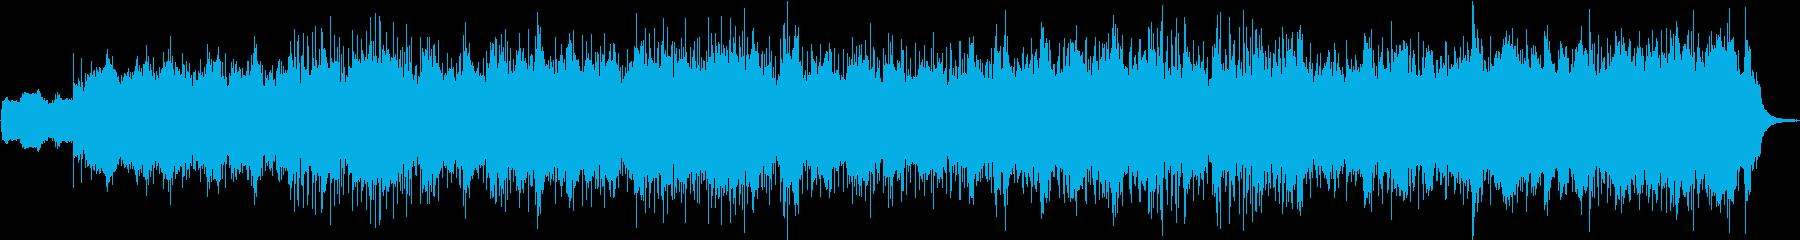 独特なリズムでスピード感あるメロディーの再生済みの波形